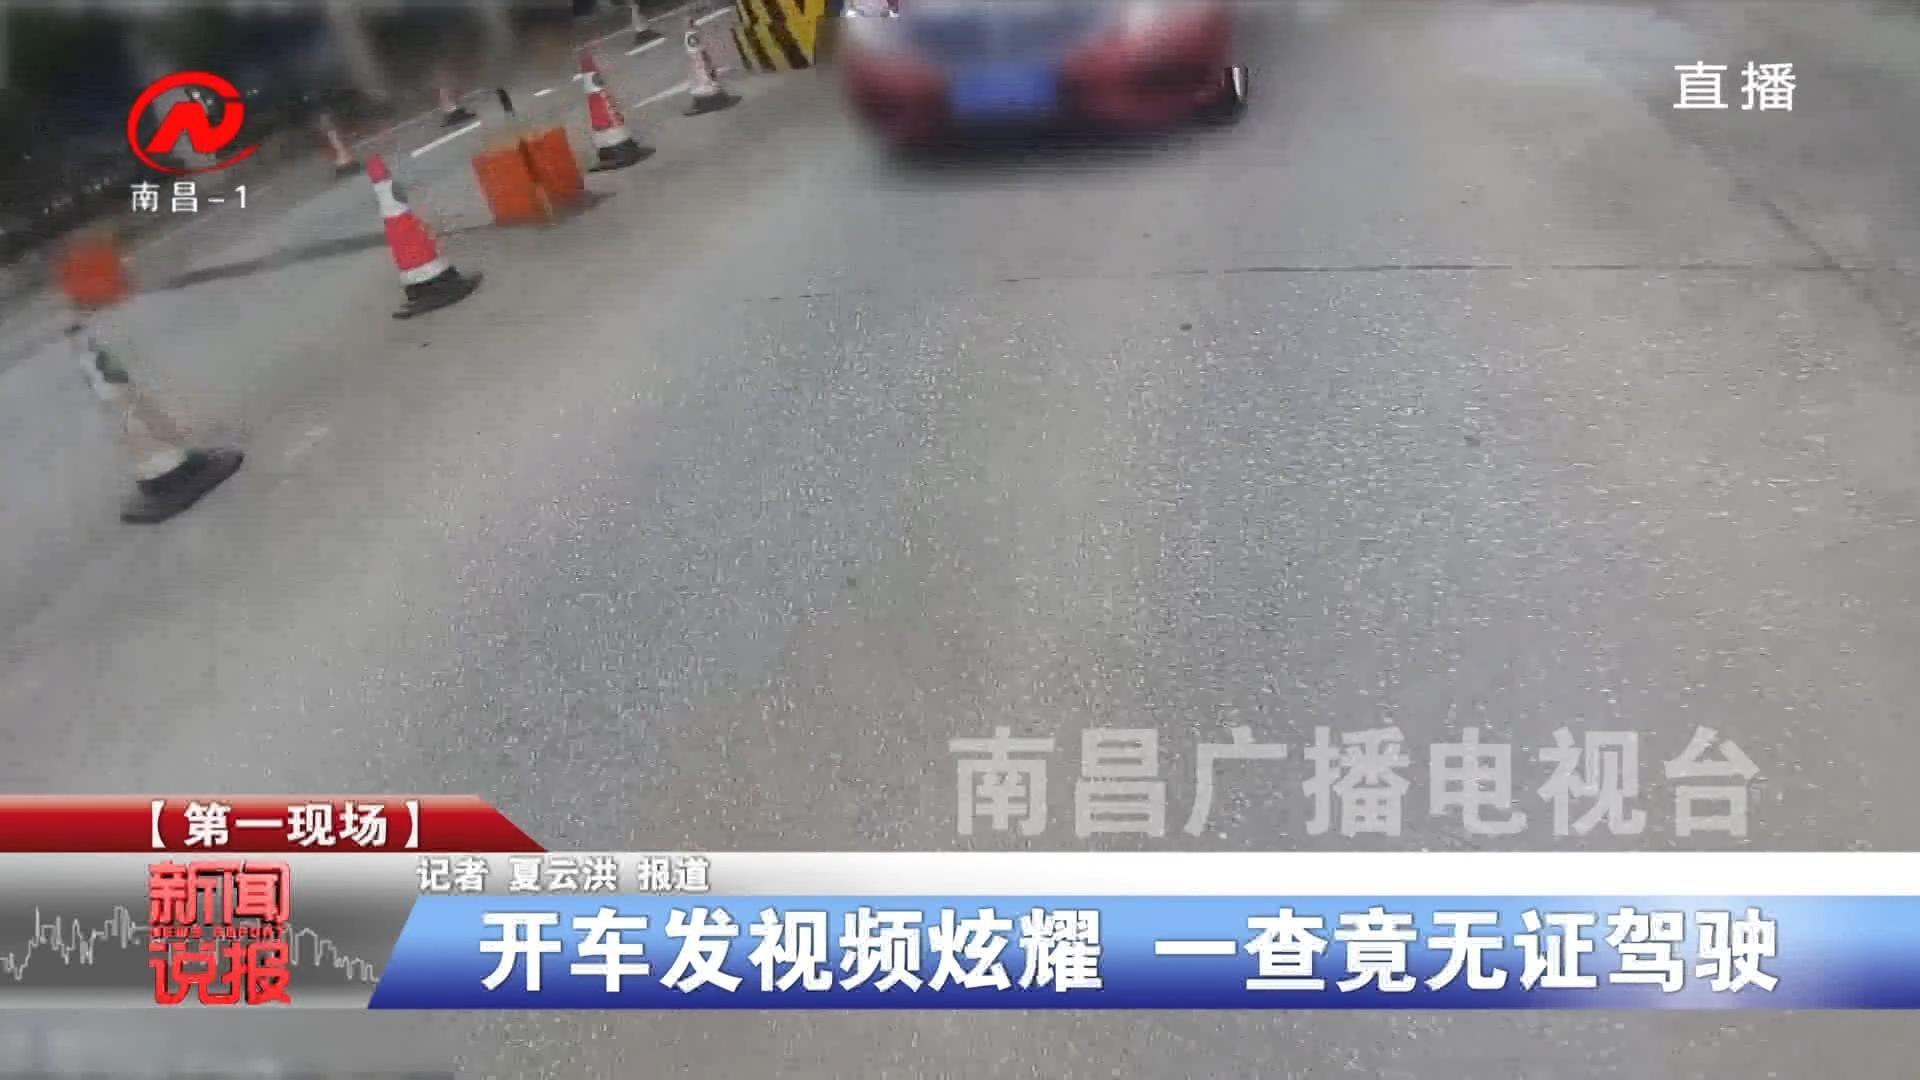 开车发视频炫耀 一查竟无证驾驶